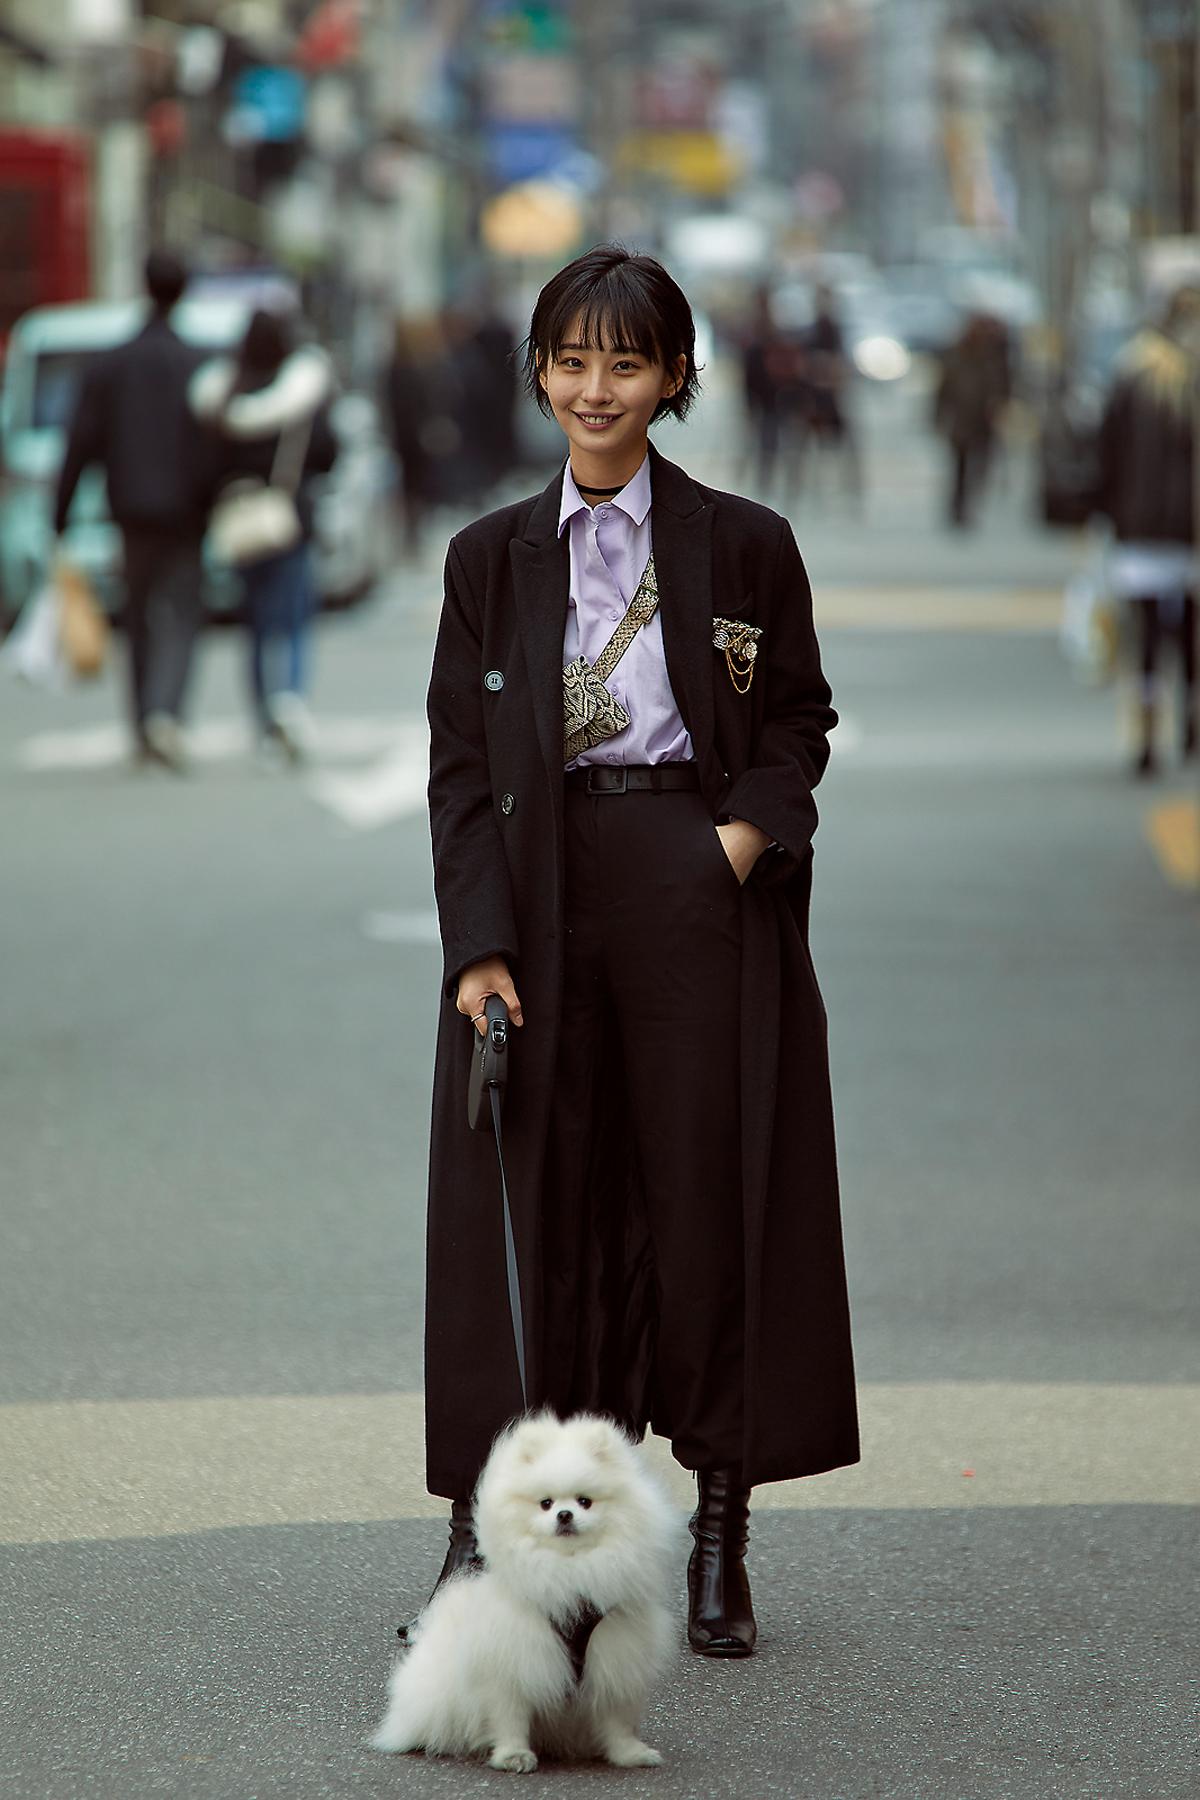 March 2020 Women's Streetwere Style in Seoul